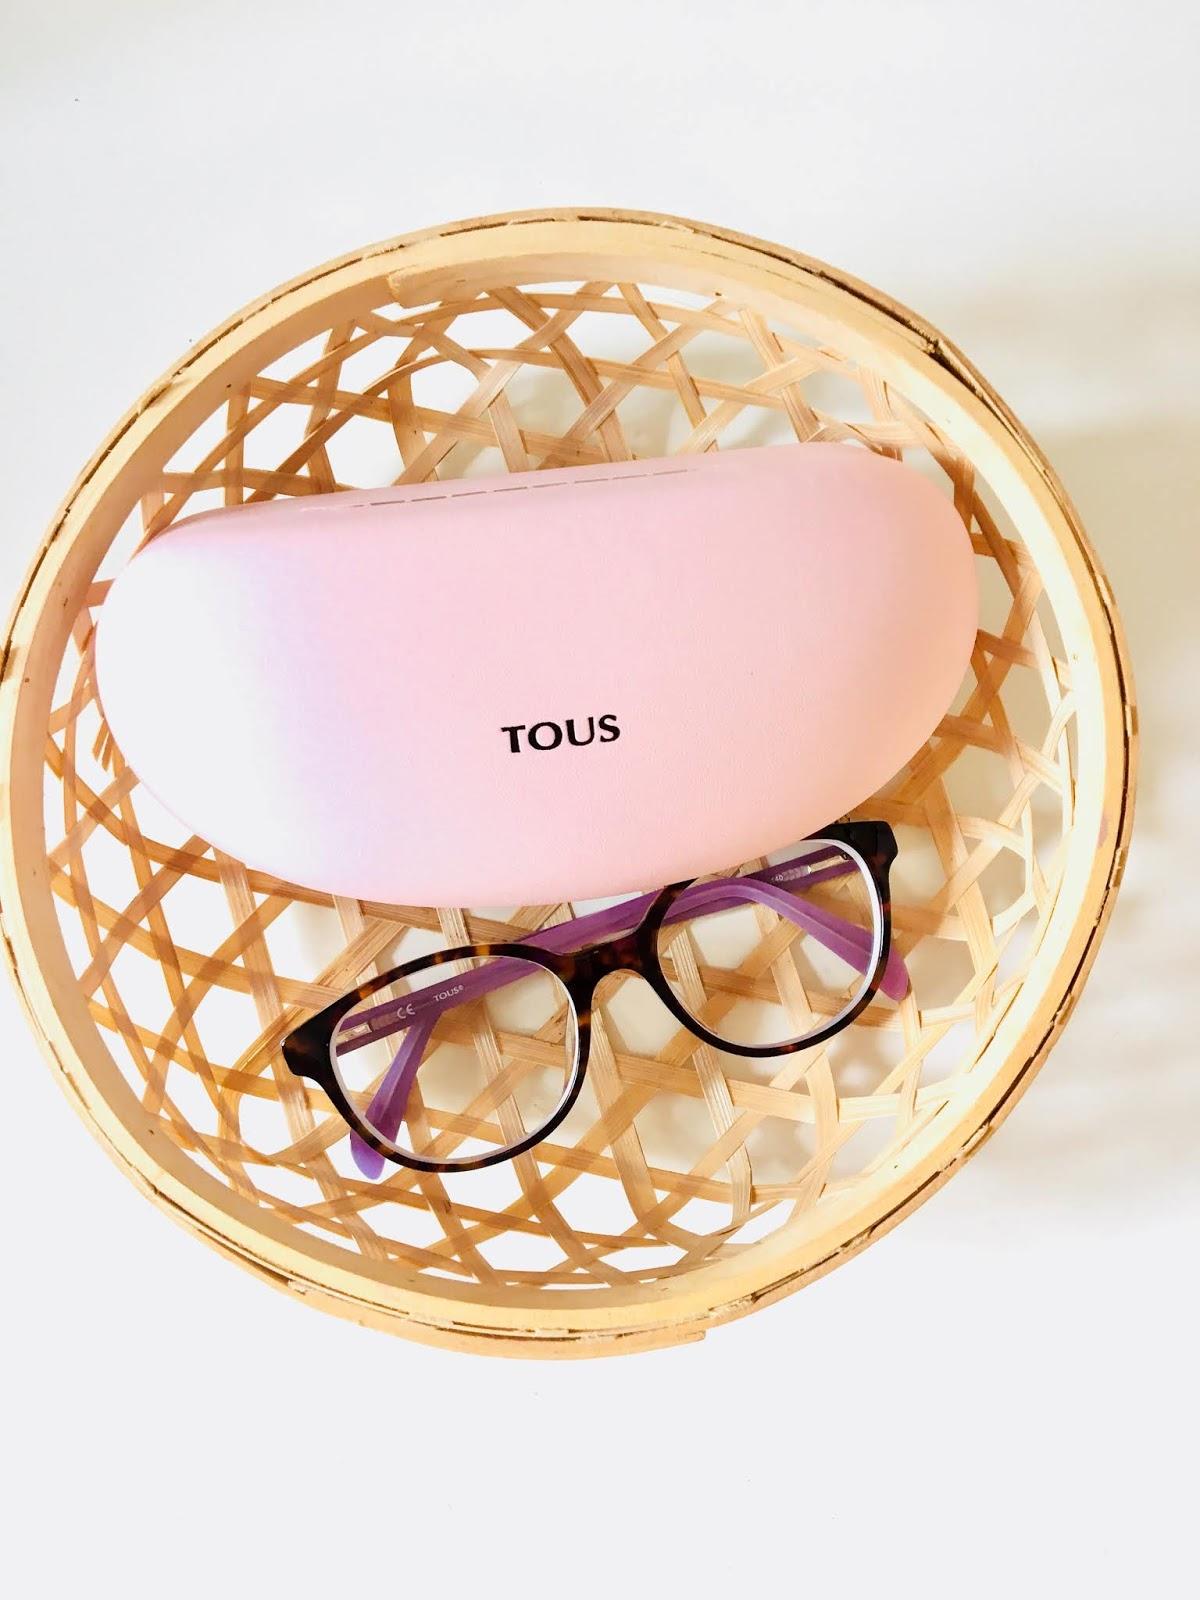 Tous glasses